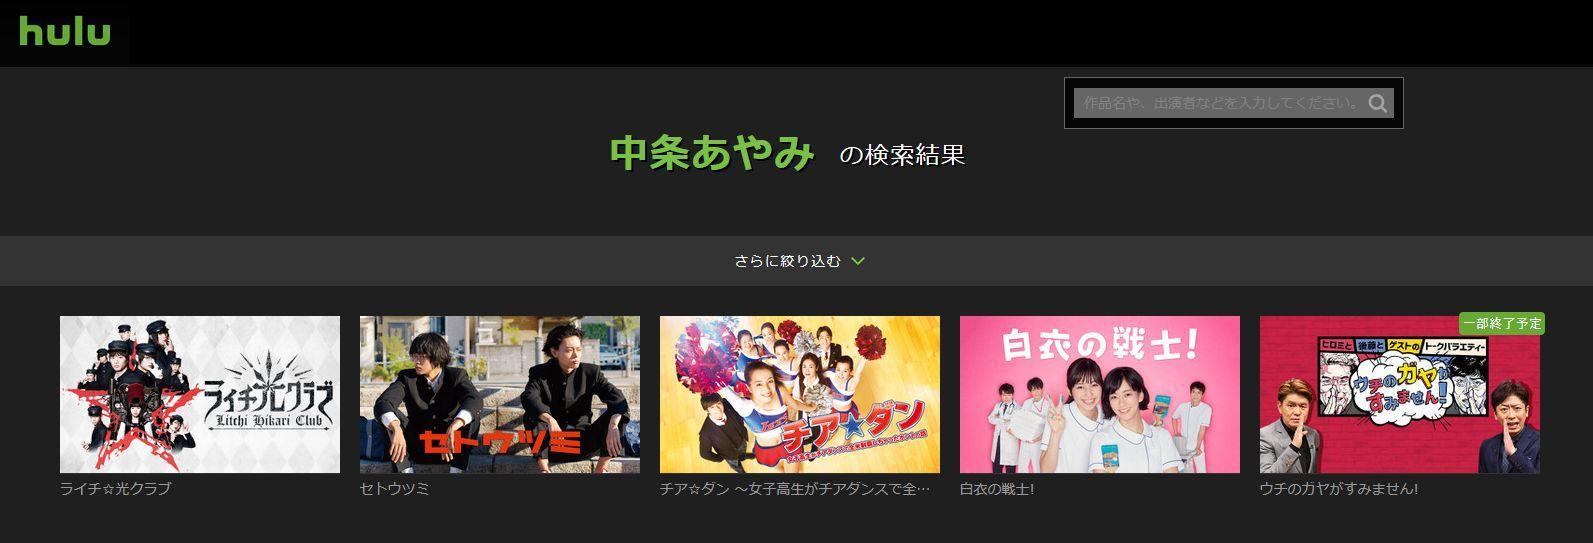 nakajyo-hulu.jpg